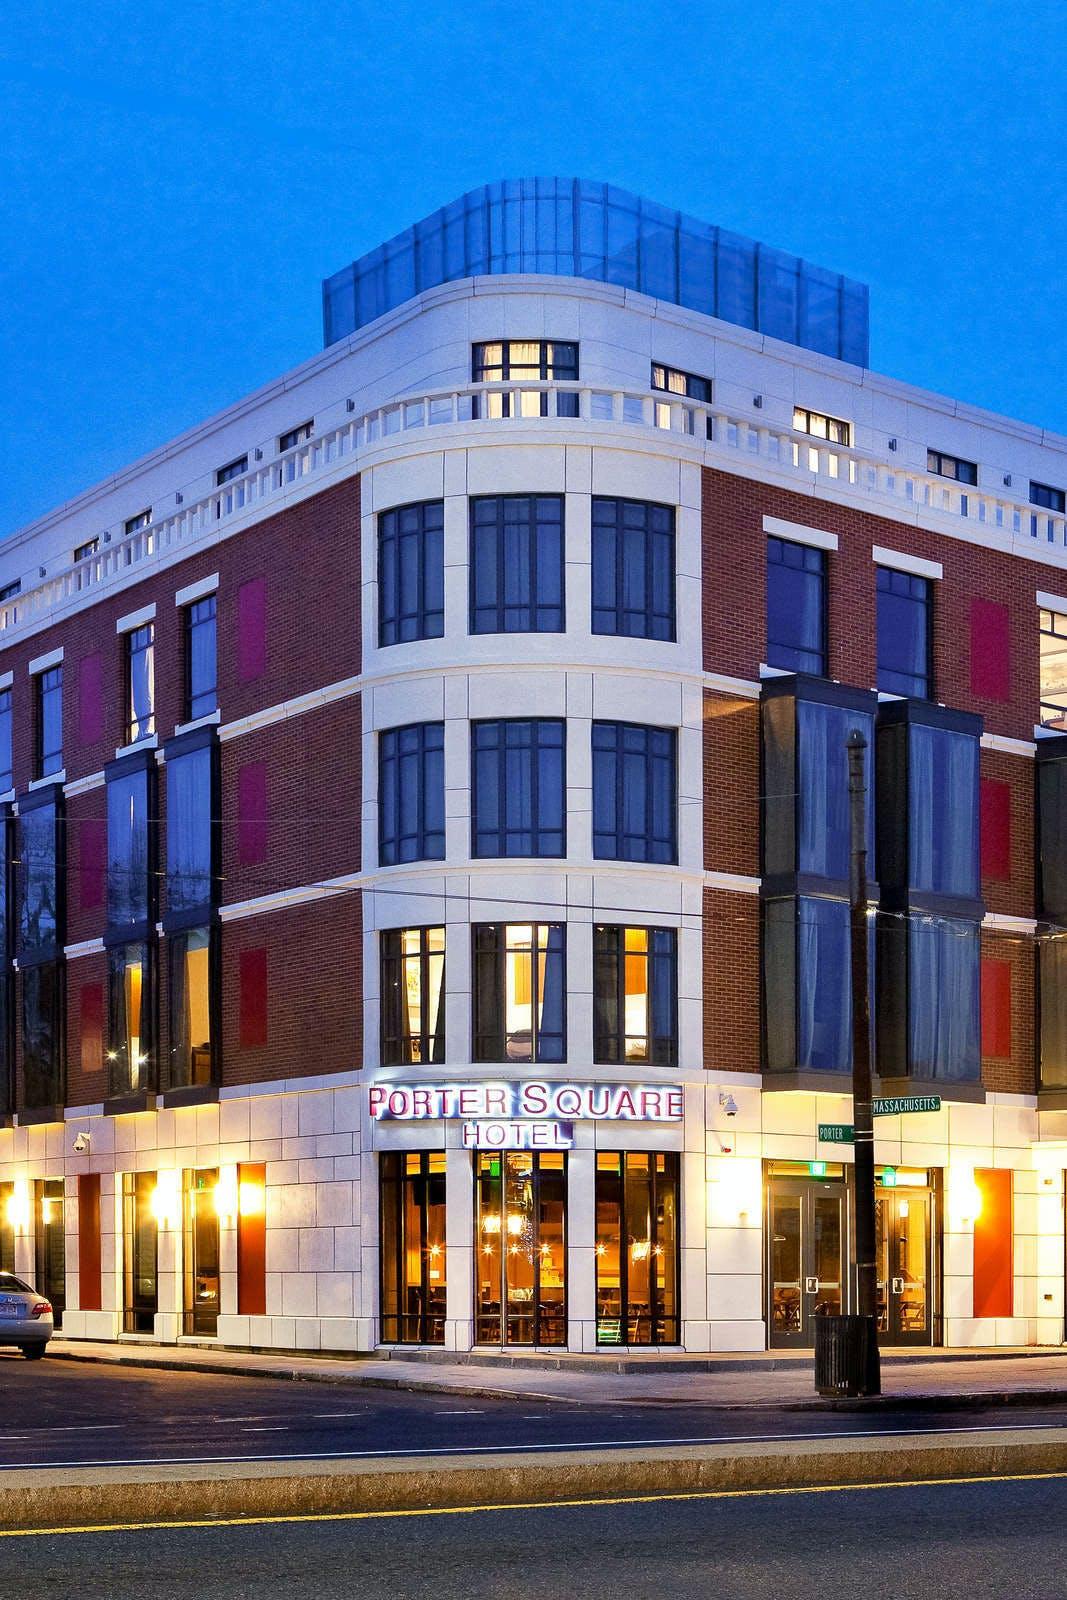 The Porter Square Hotel